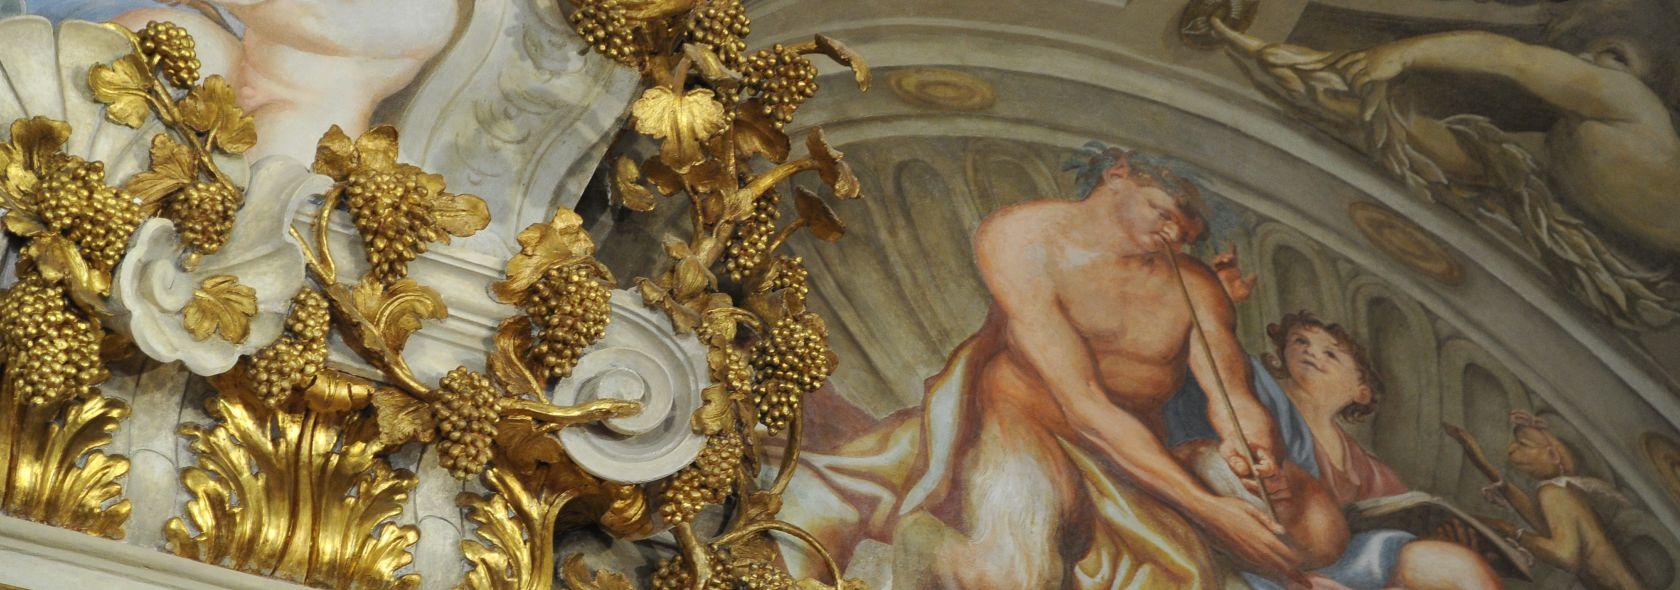 Domenico Piola - particolare dell'Allegoria dell'autunno - © Studio Leoni